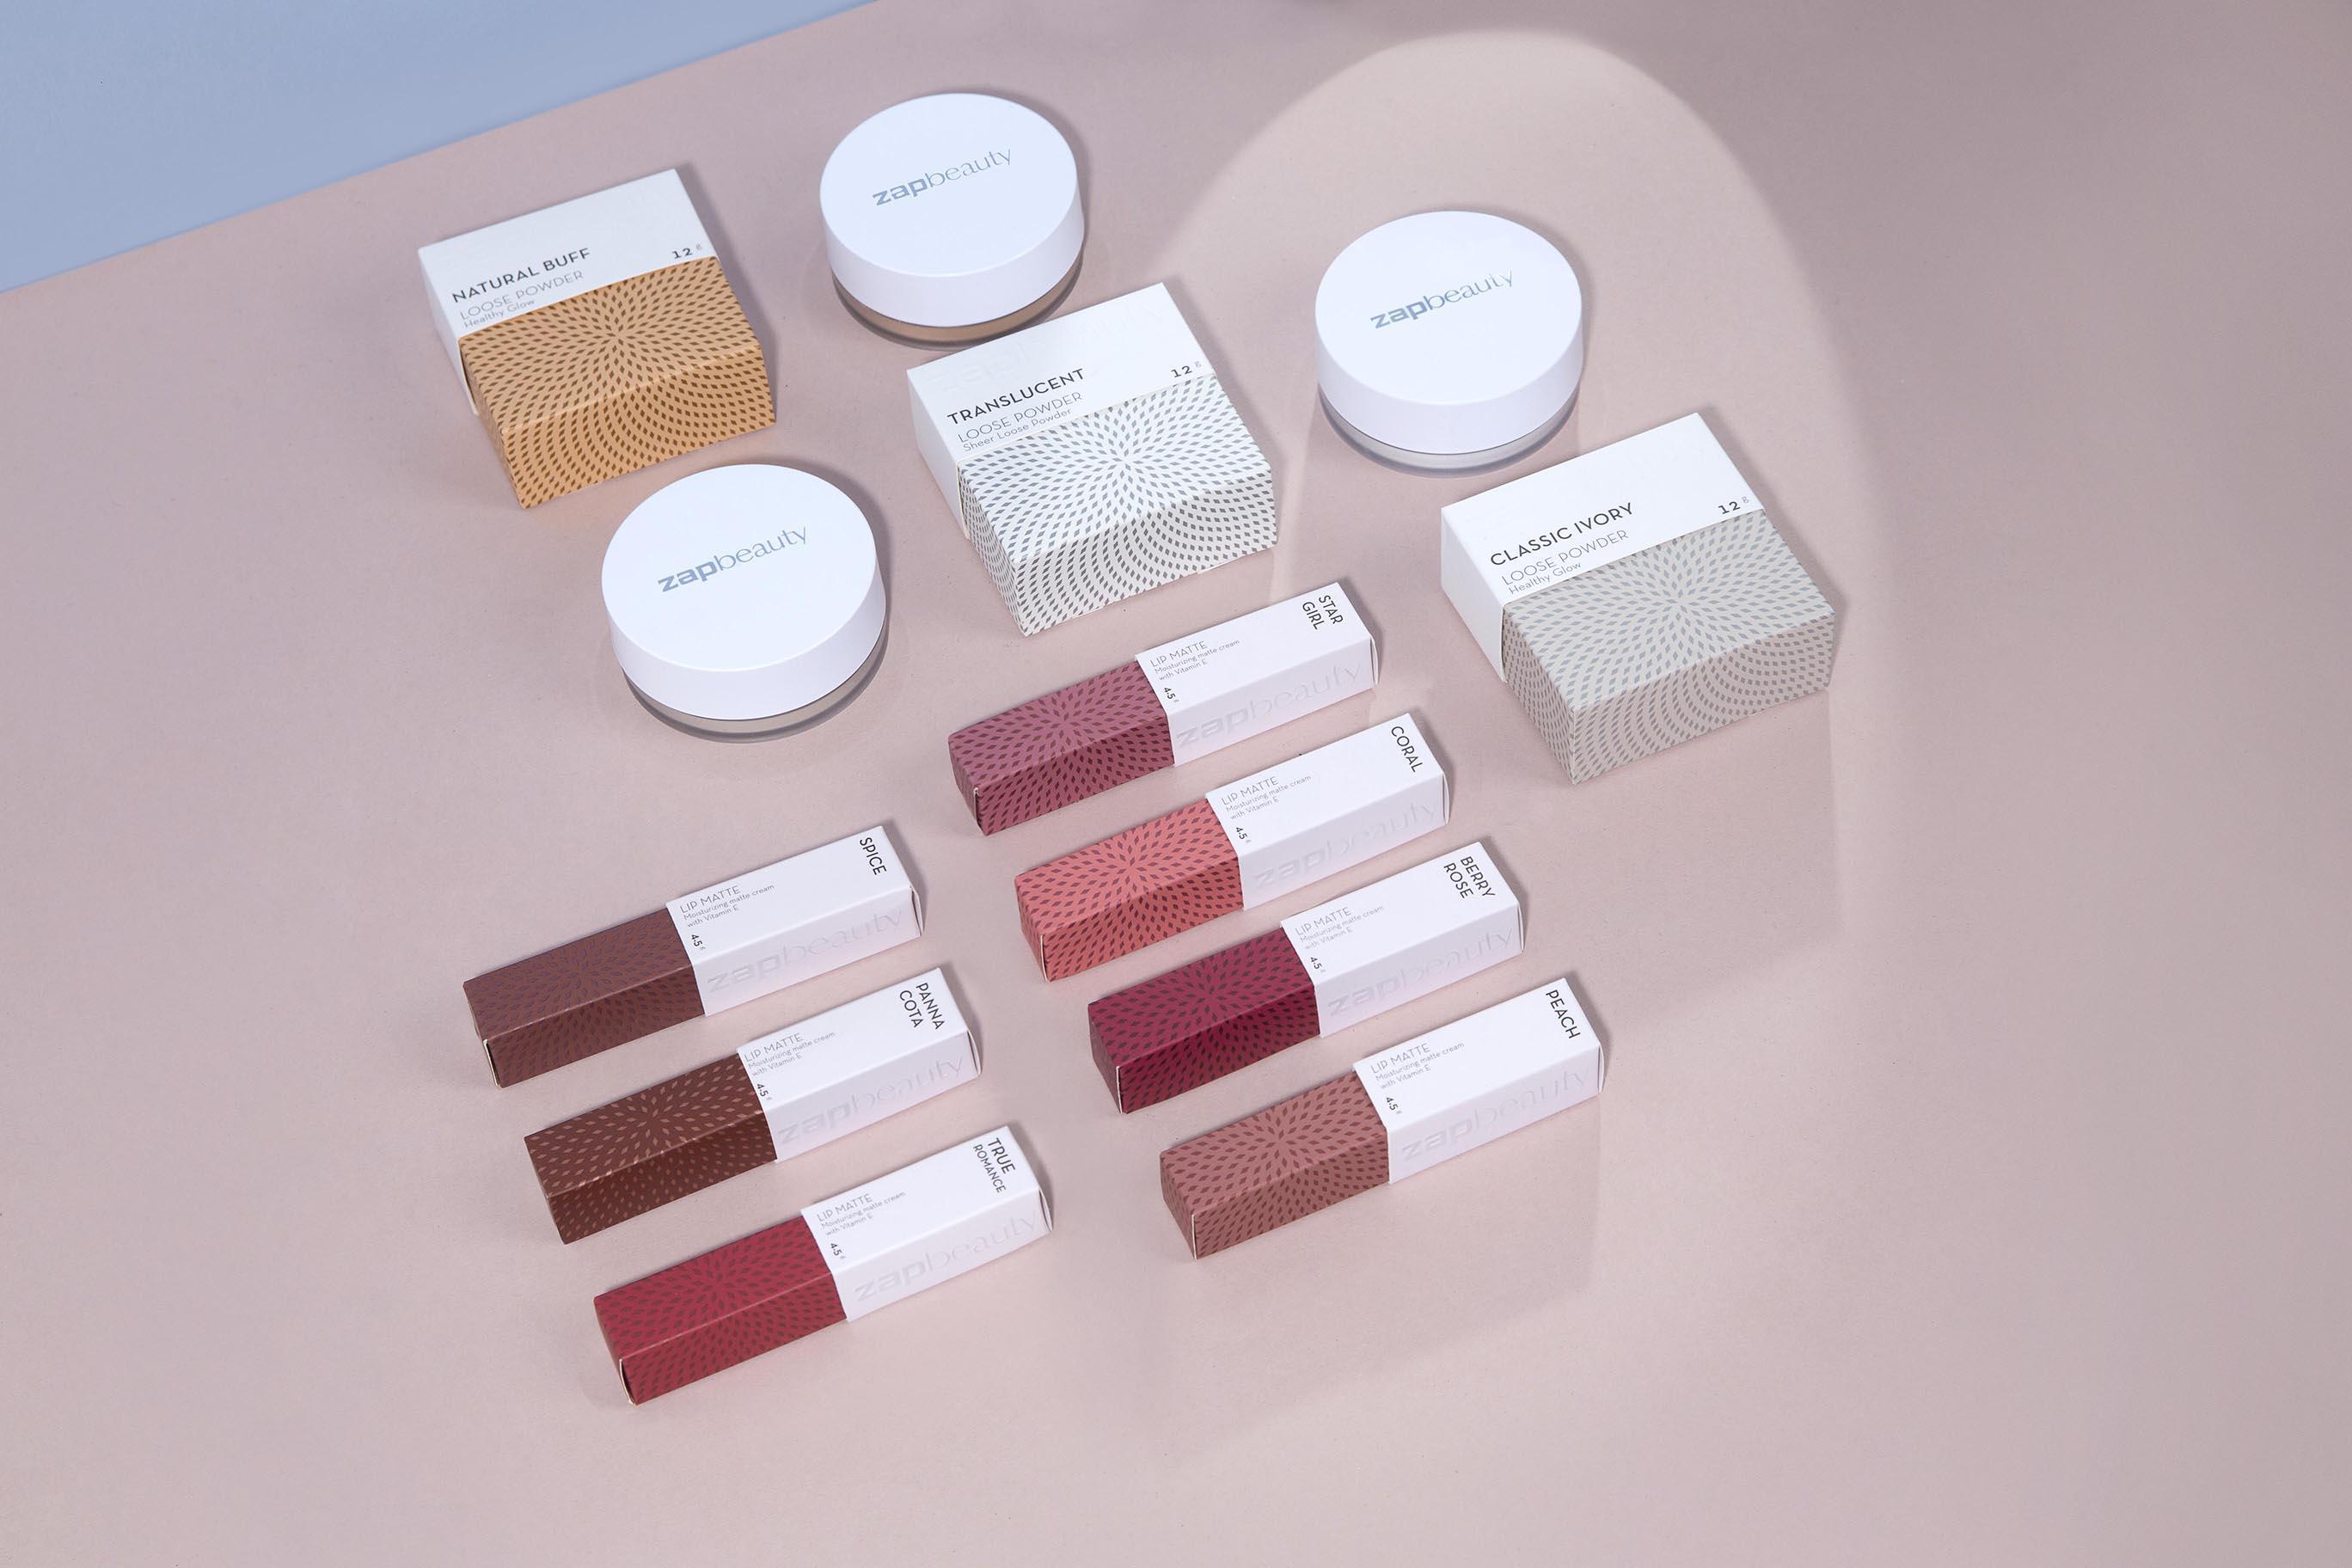 workbyw-zapbeauty-packaging-06